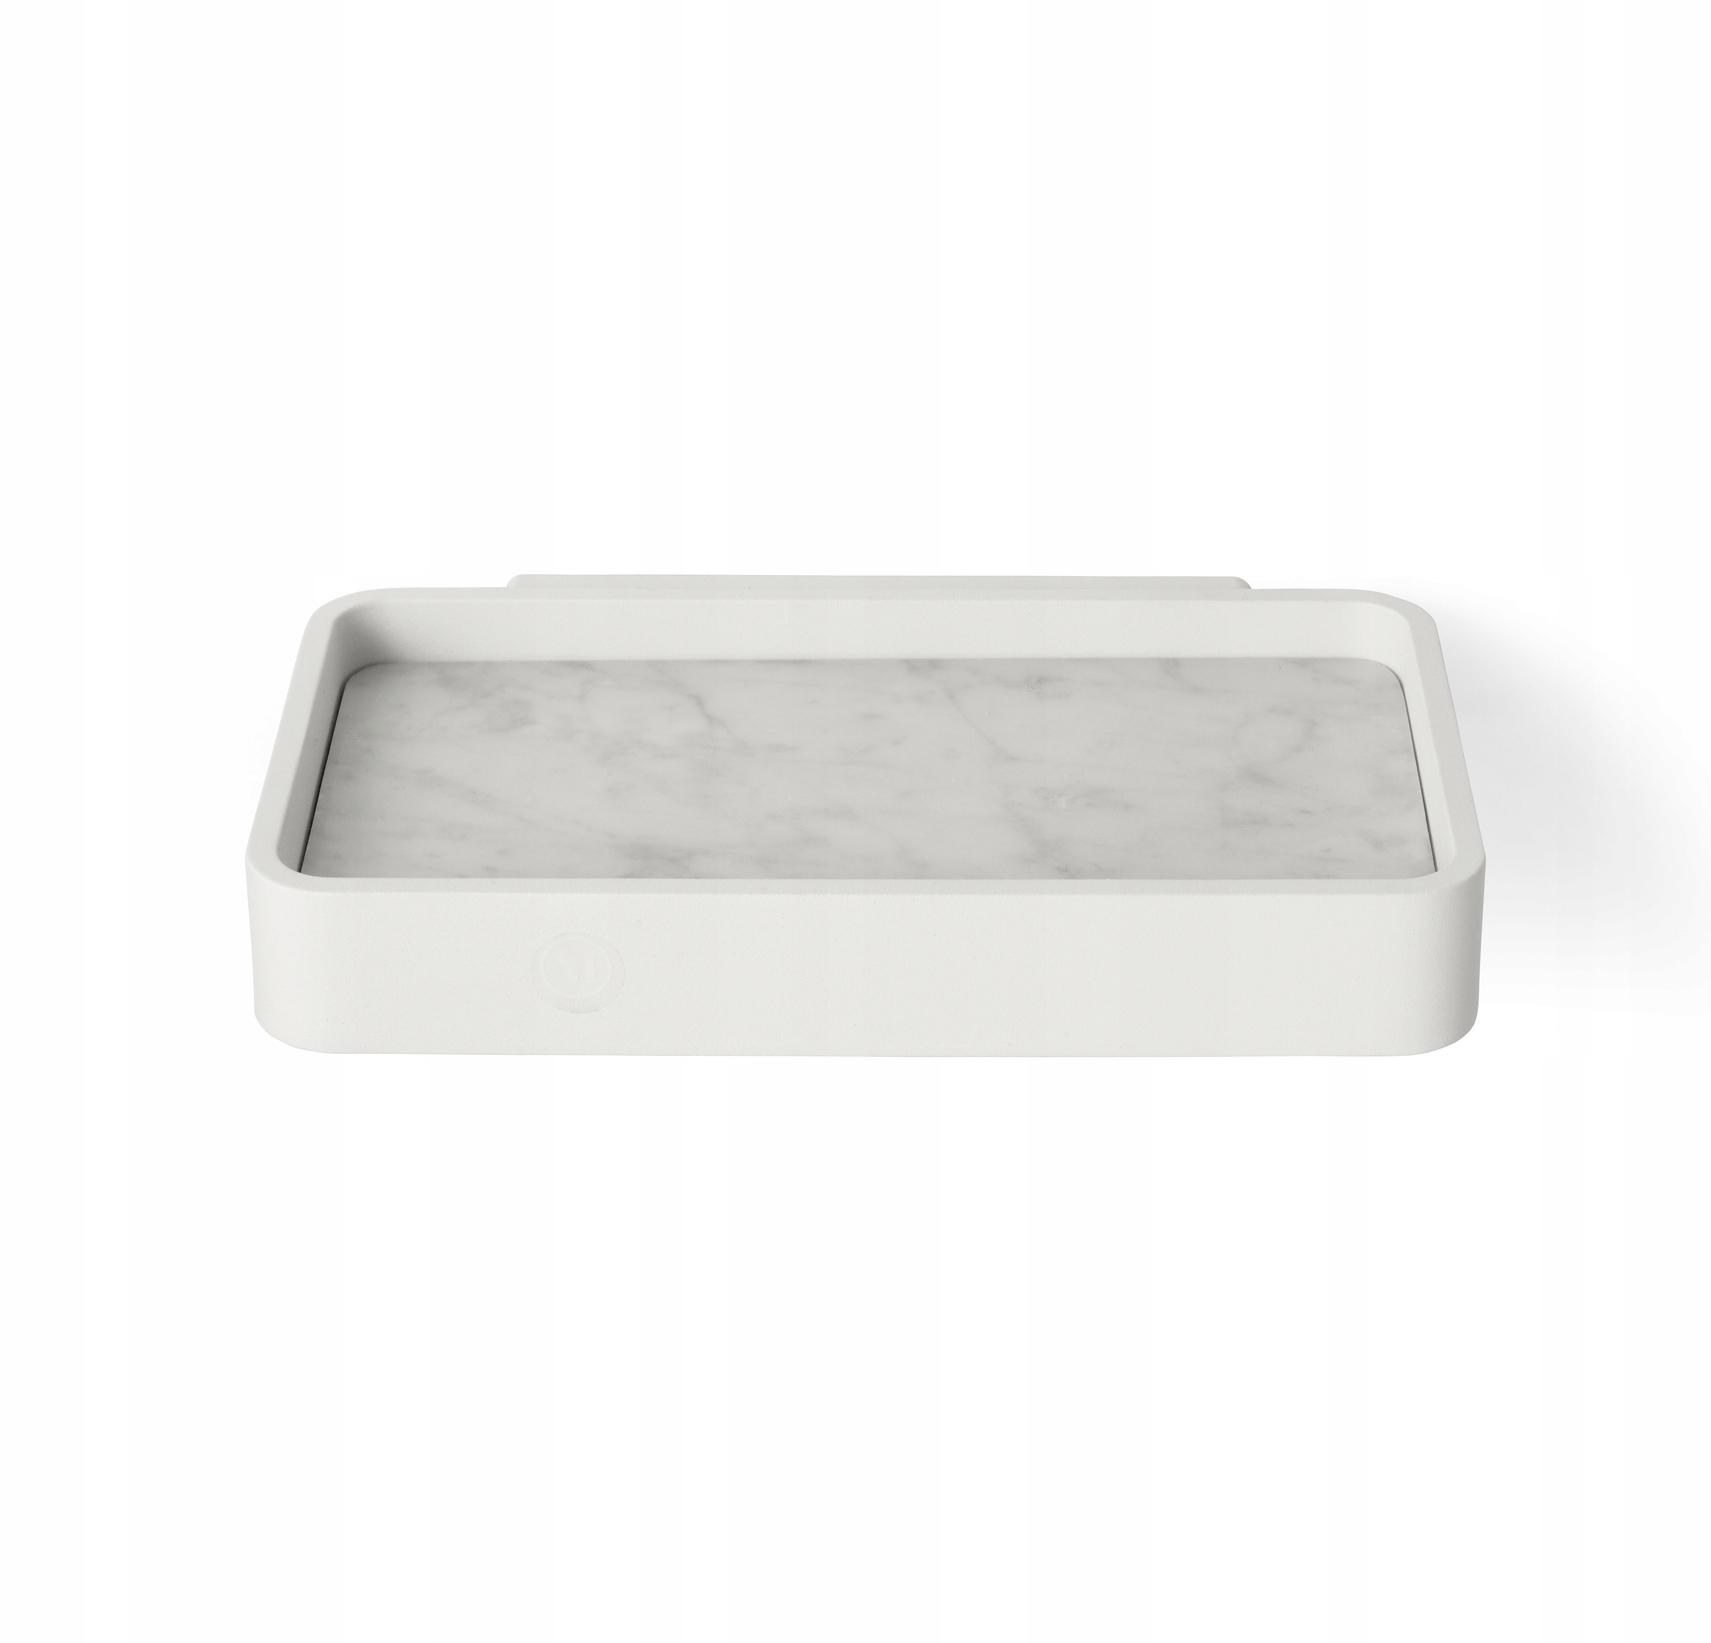 BATH Menu sprchová polička z bieleho mramoru